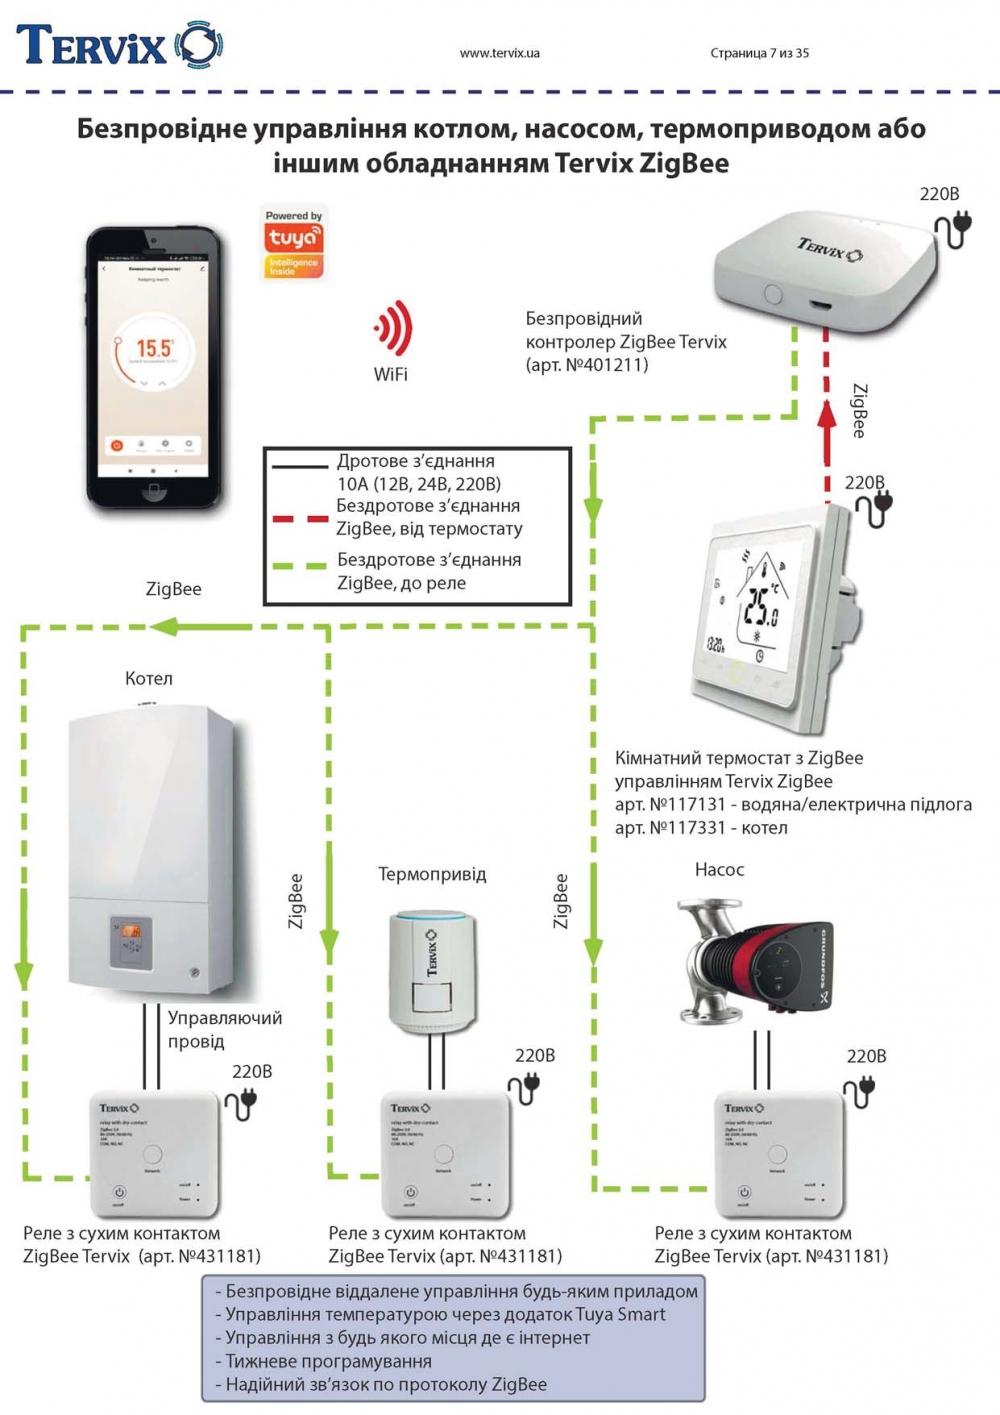 Умный дом: реле ZigBee по сухому контакту для удаленного управления газовыми и электрическими котлами, 431181 - 1